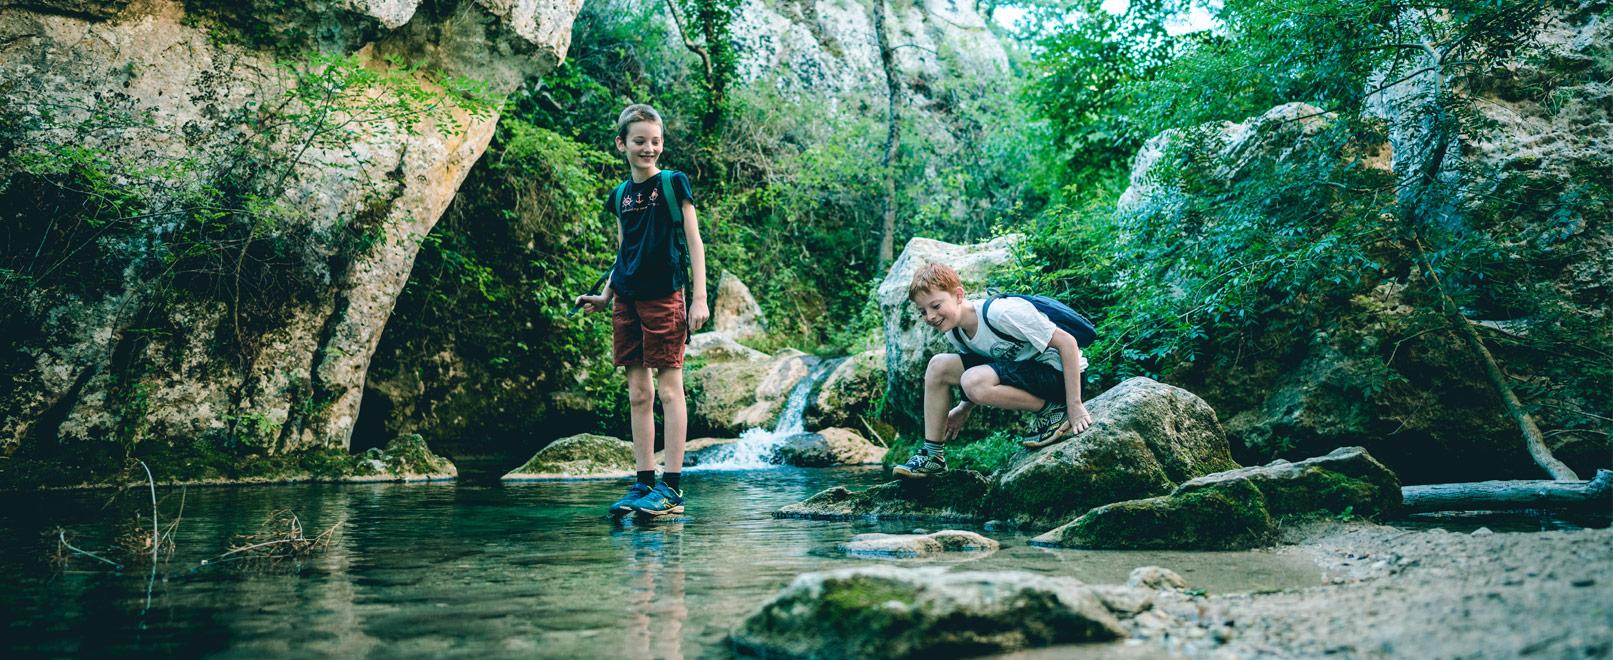 Frisse zomeractiviteiten en -uitstapjes  © OBrien